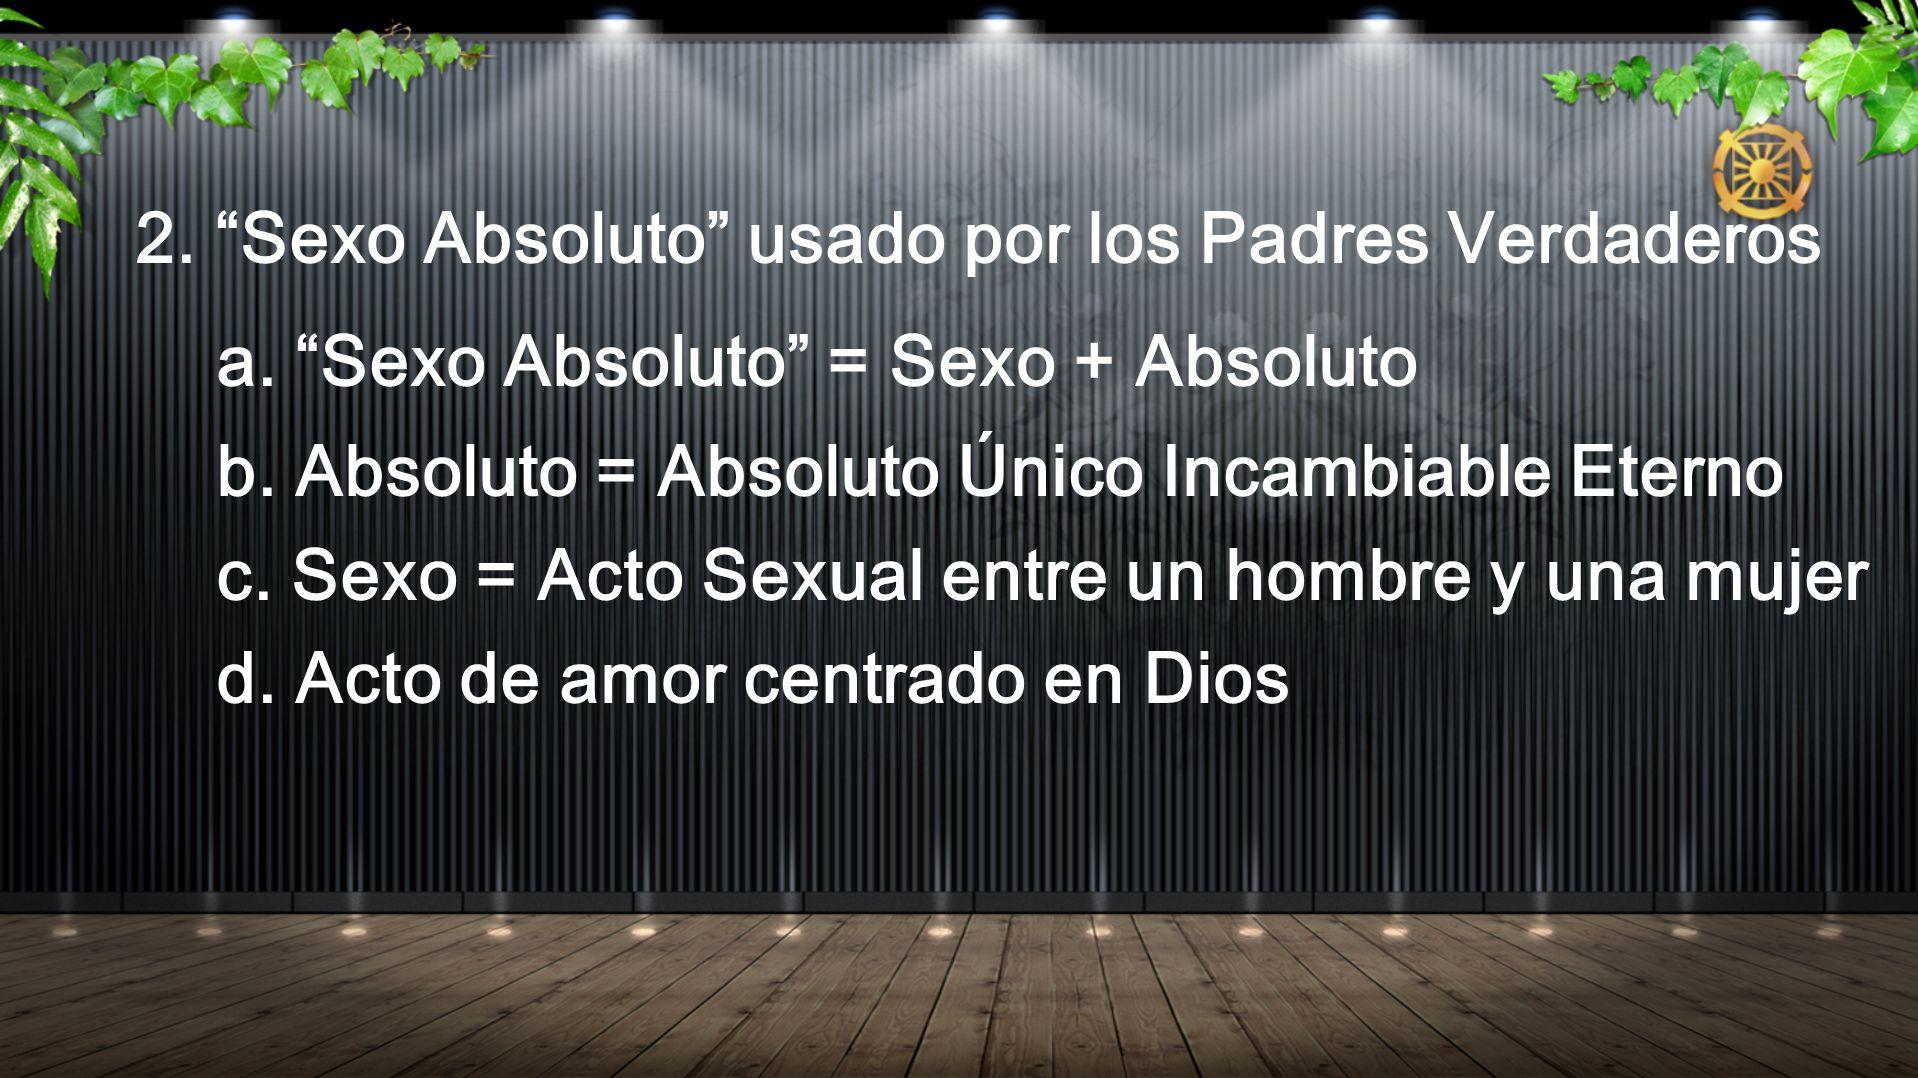 B.Atributos del órgano sexual 1. Dios es amor. (9/5/99) a.